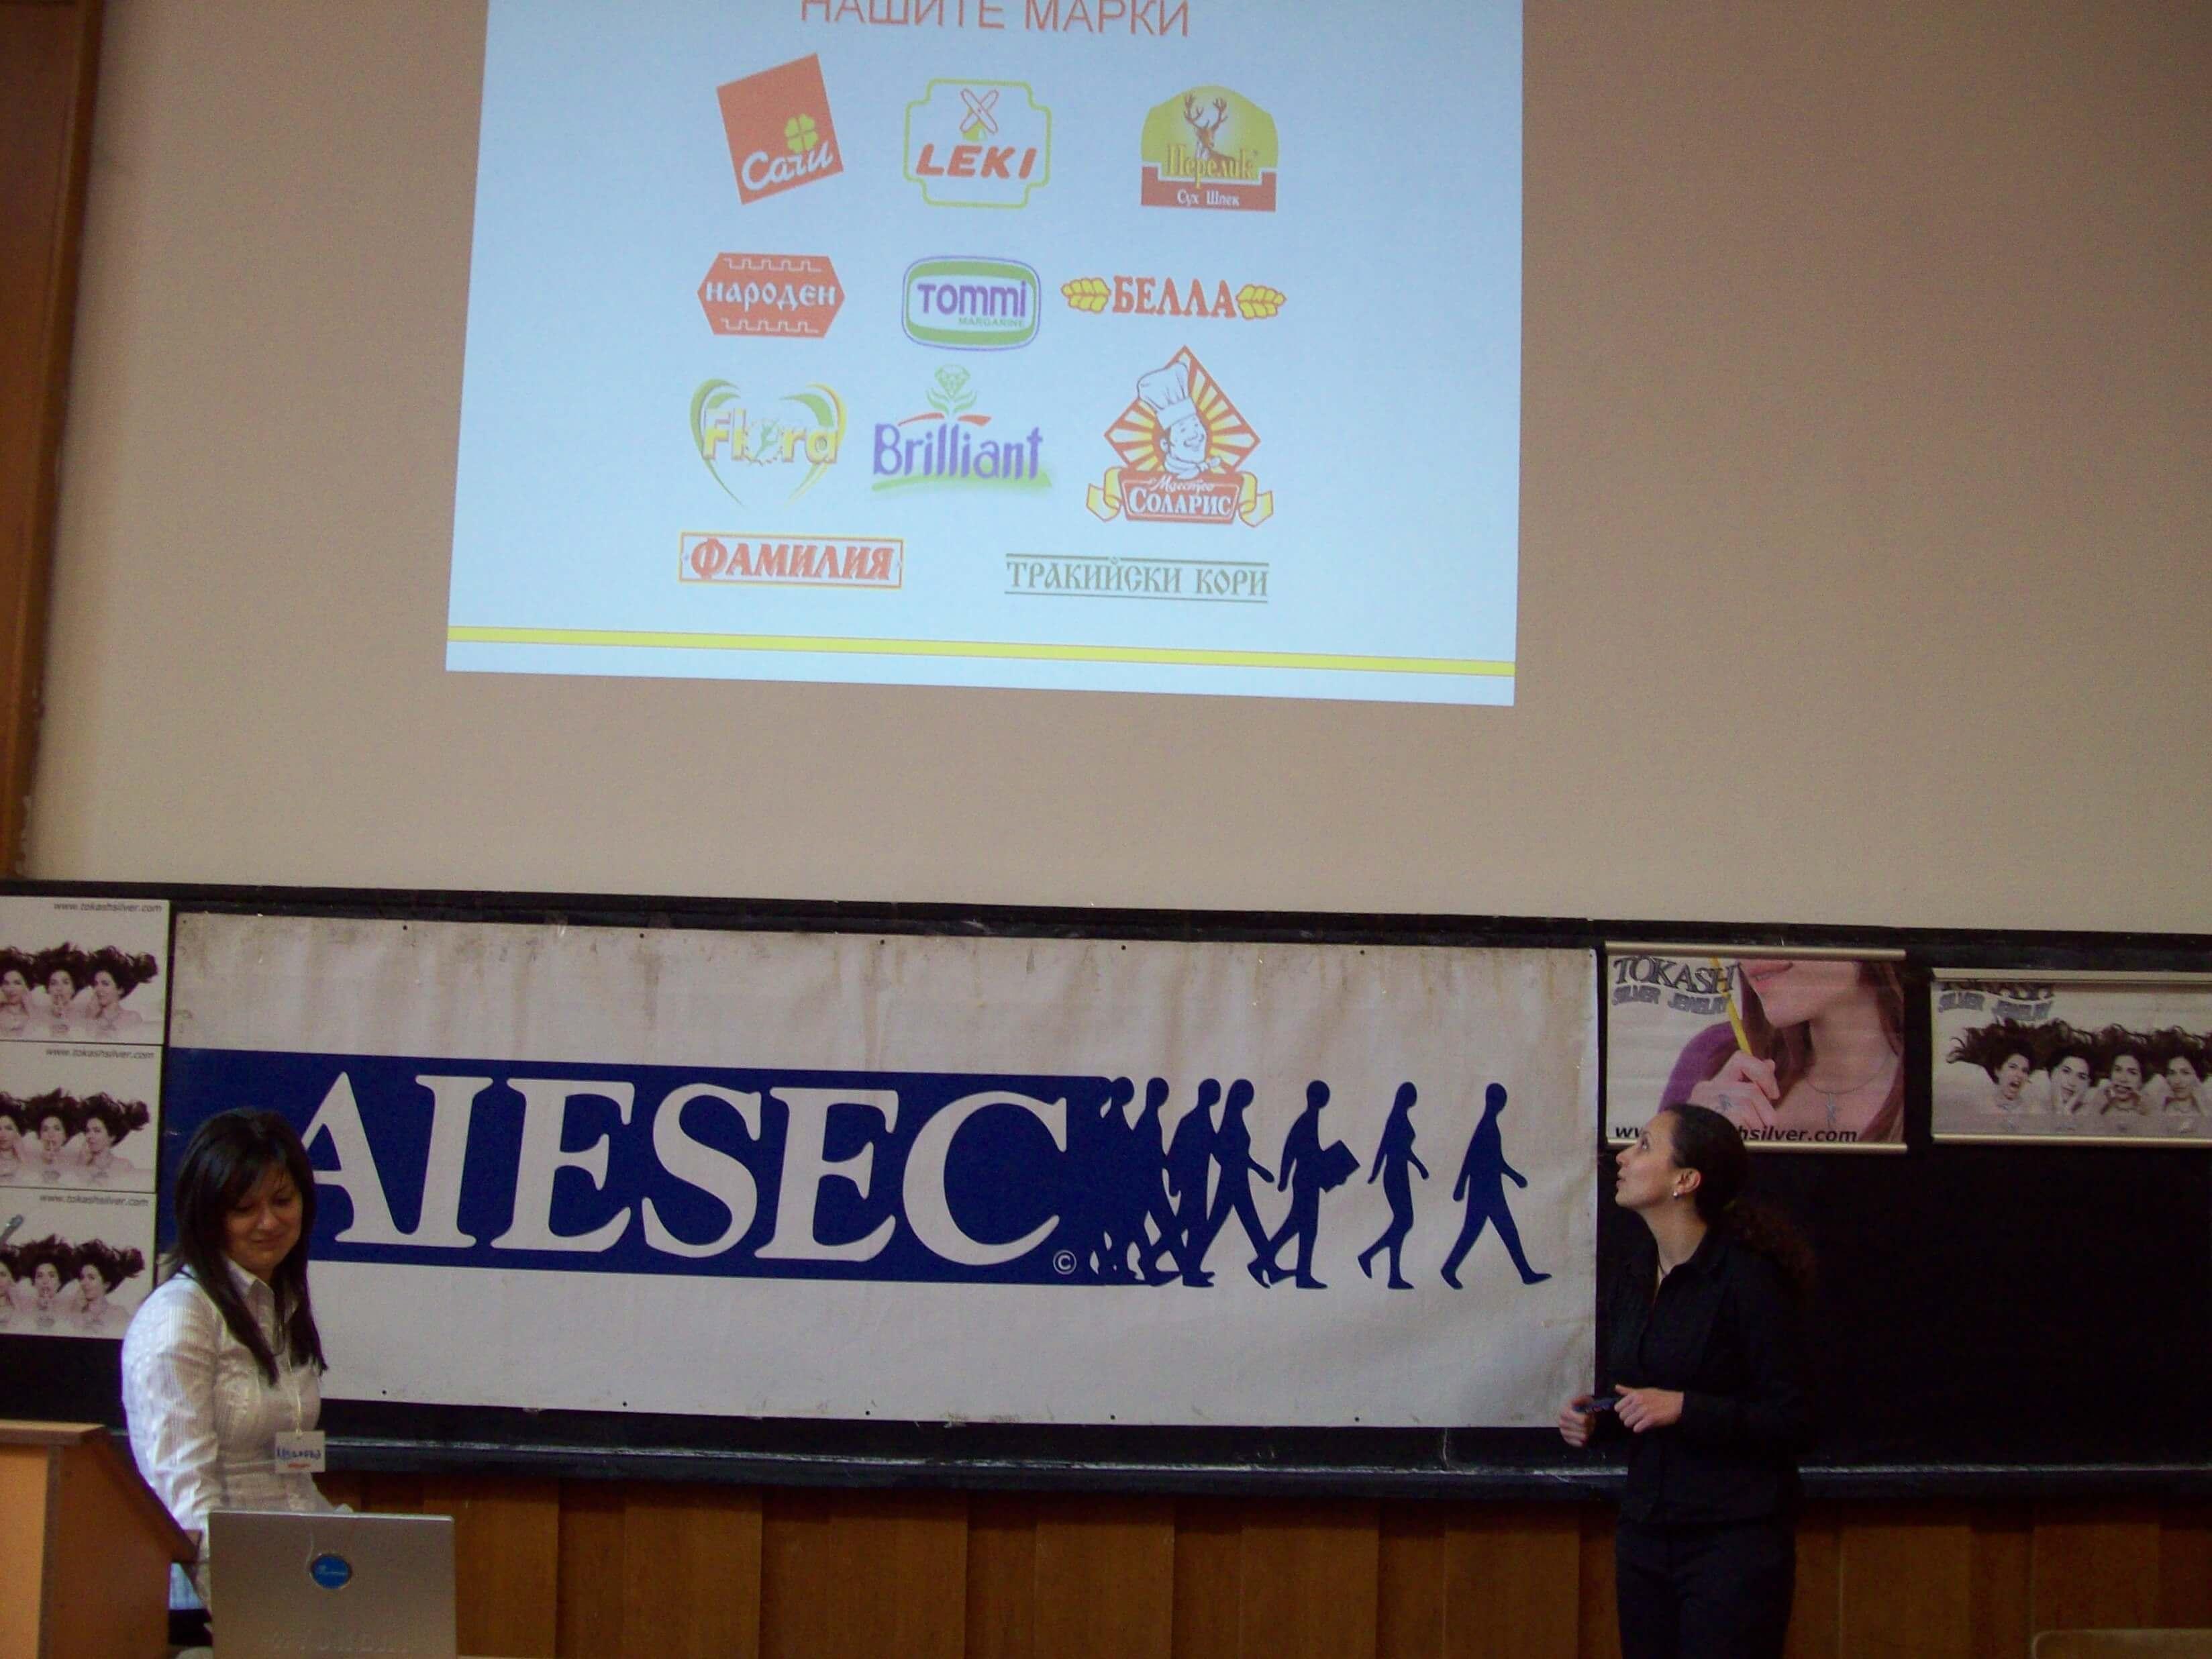 Bella at AIESEC 2015